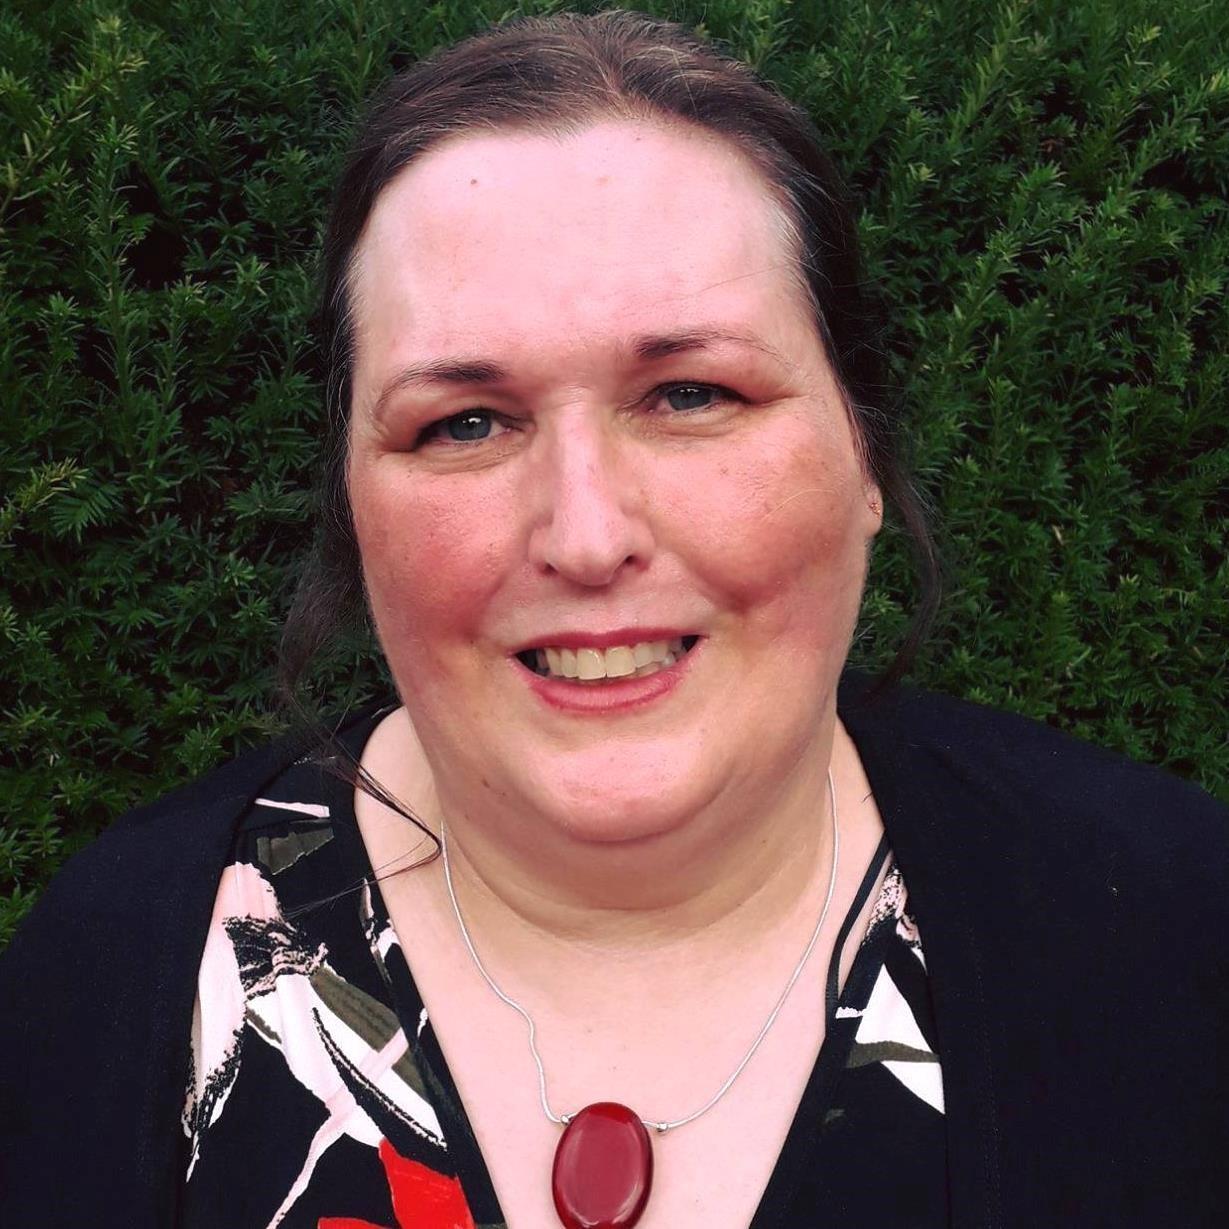 Sheila Burrowes